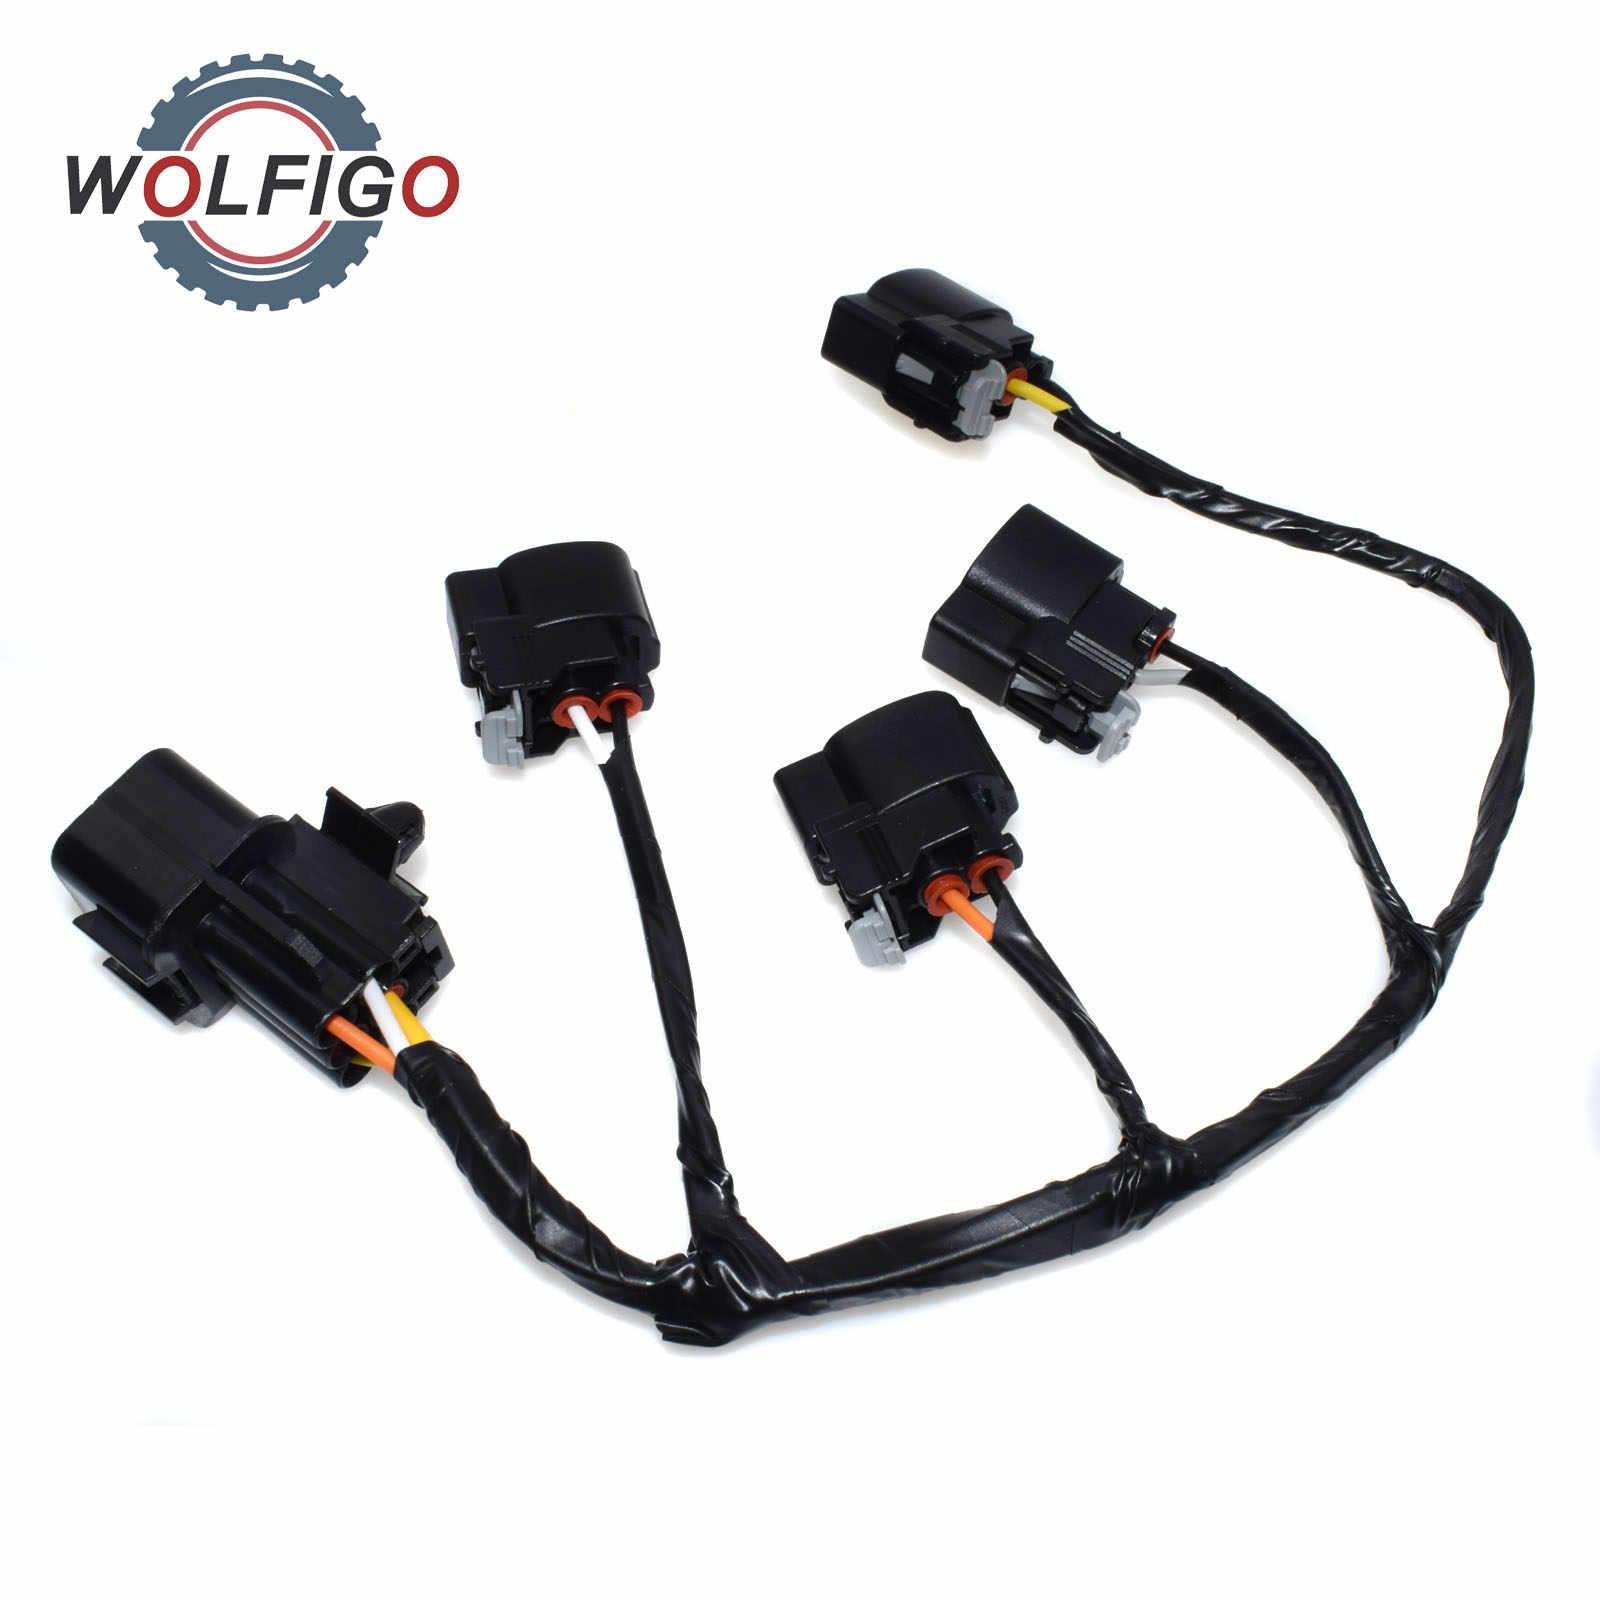 [SCHEMATICS_4HG]  WOLFIGO New Ignition Coil Wire Harness for Hyundai Veloster Kia Rio Soul  273502B000 27350 2B000 27301 2B010| | - AliExpress | Ignition Wire Harness |  | www.aliexpress.com